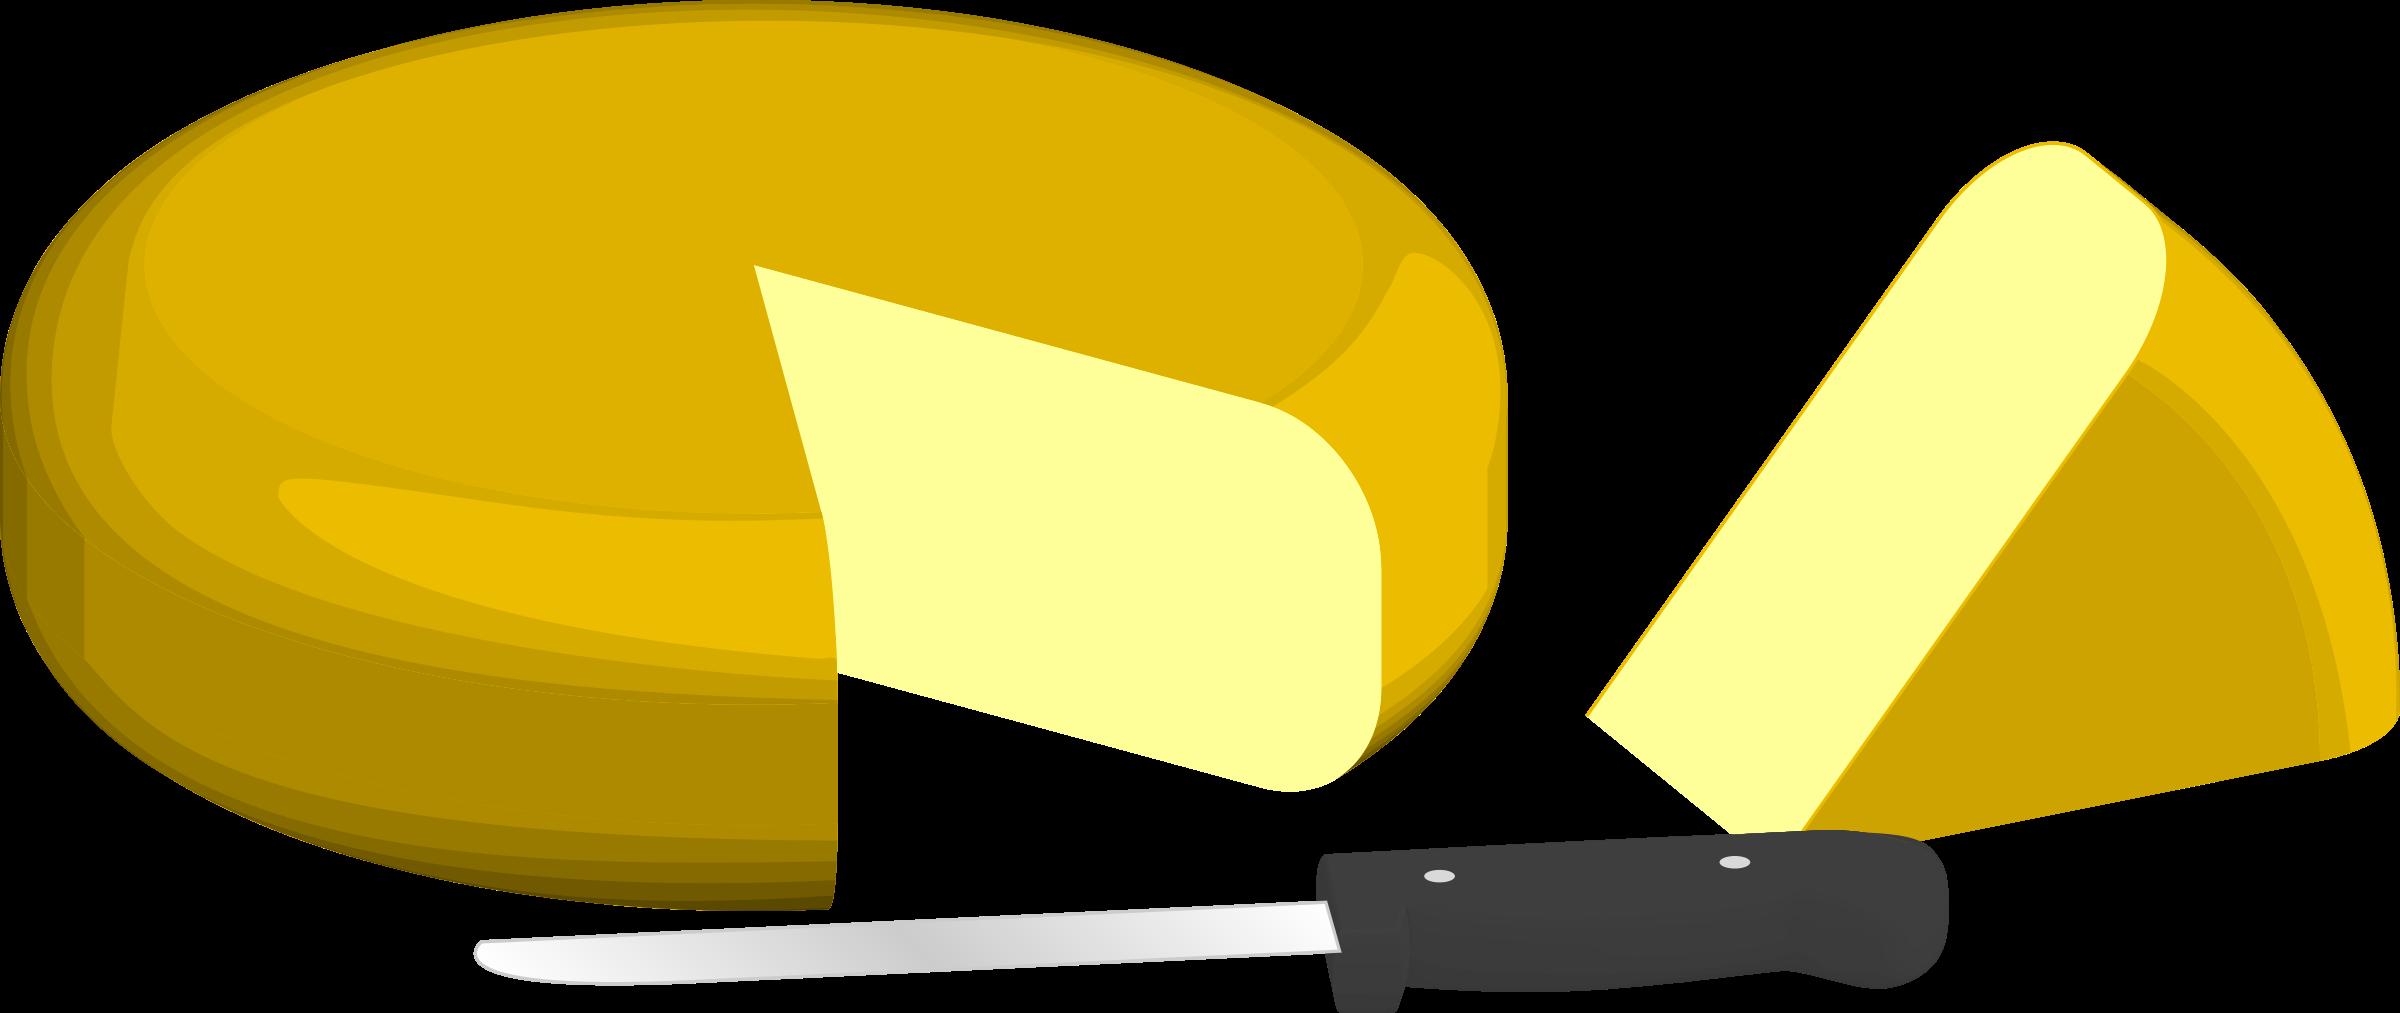 Cheese Wheel Clip Art : Clipart cheese